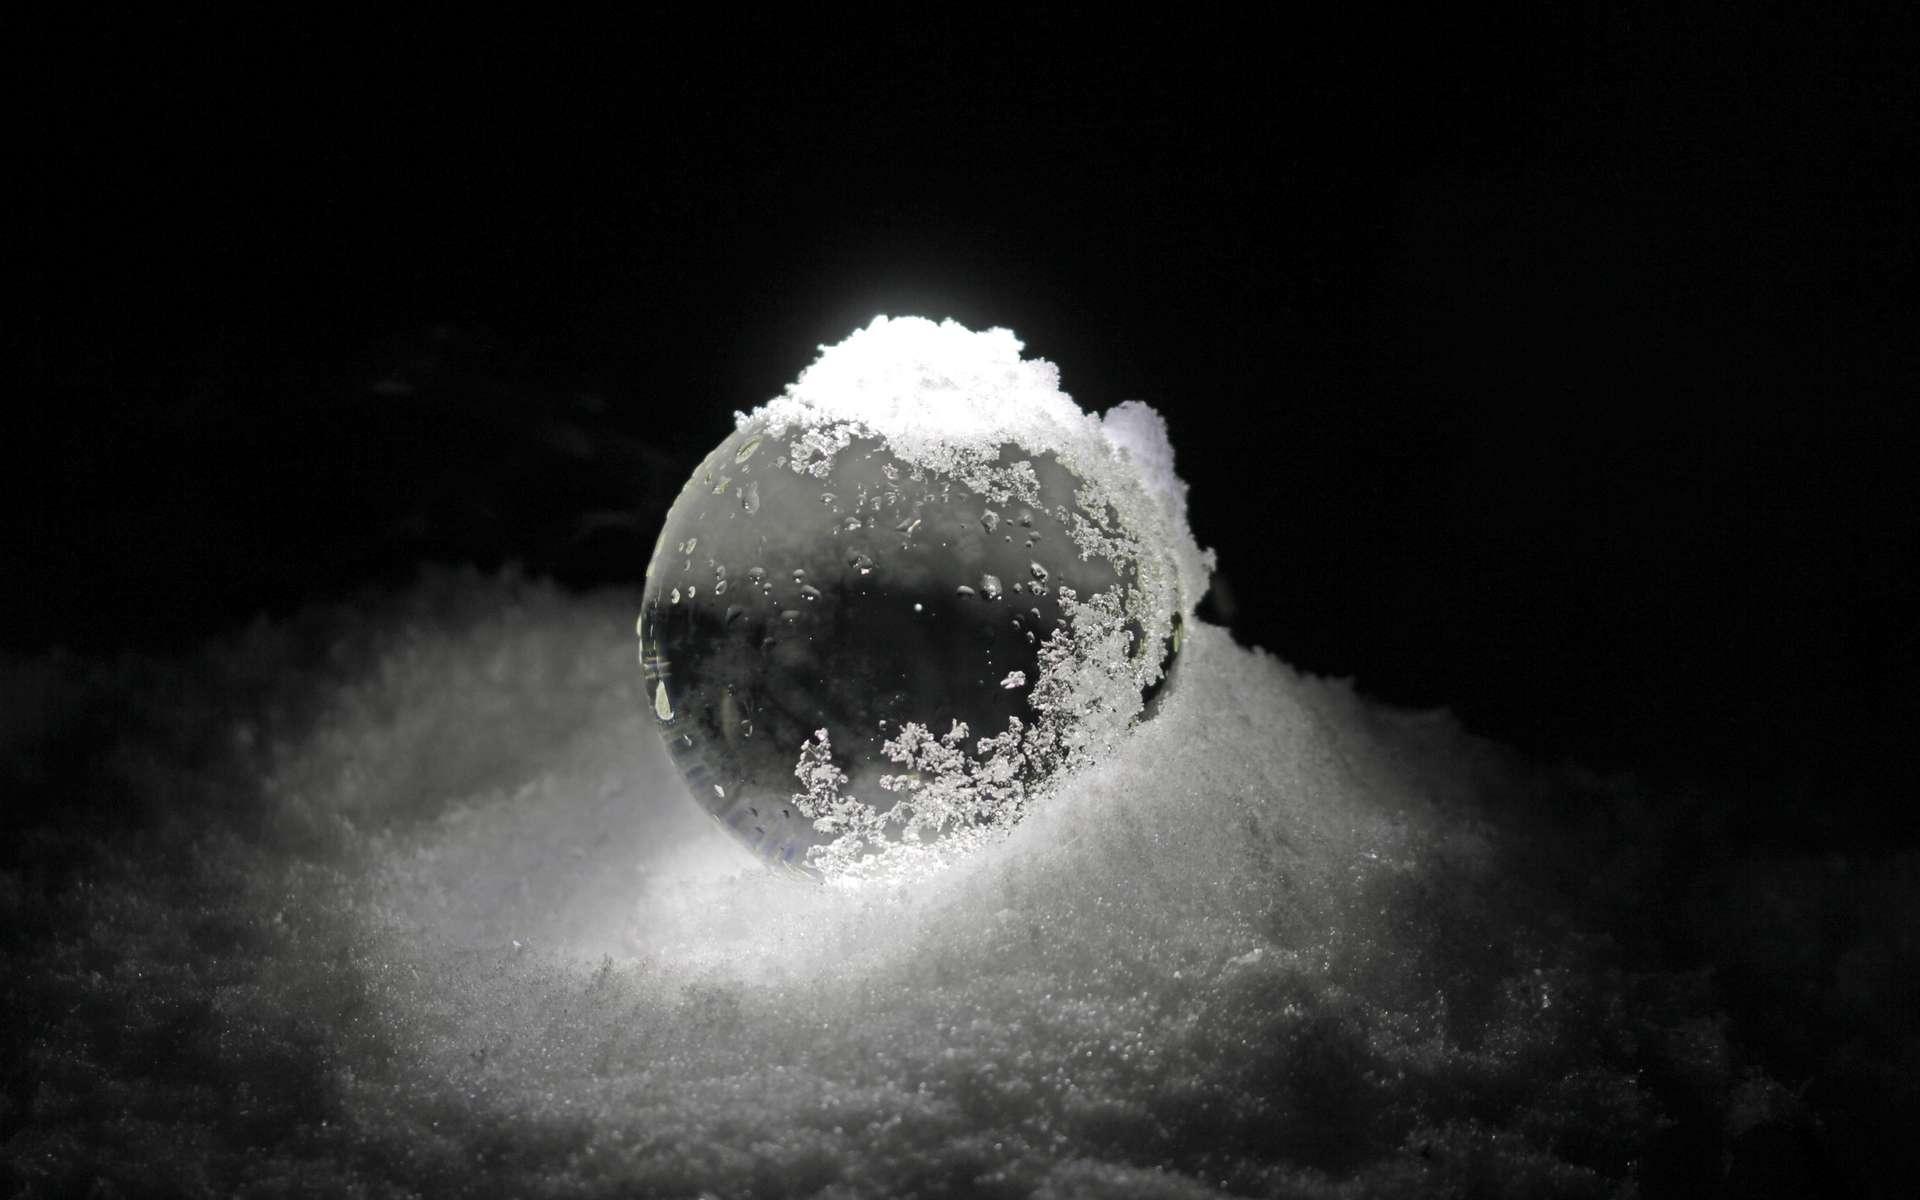 Selon l'hypothèse de la Terre boule de glace, notre Planète aurait été presque entièrement glacée à trois reprises. © TwilightArtPictures, Adobe Stock